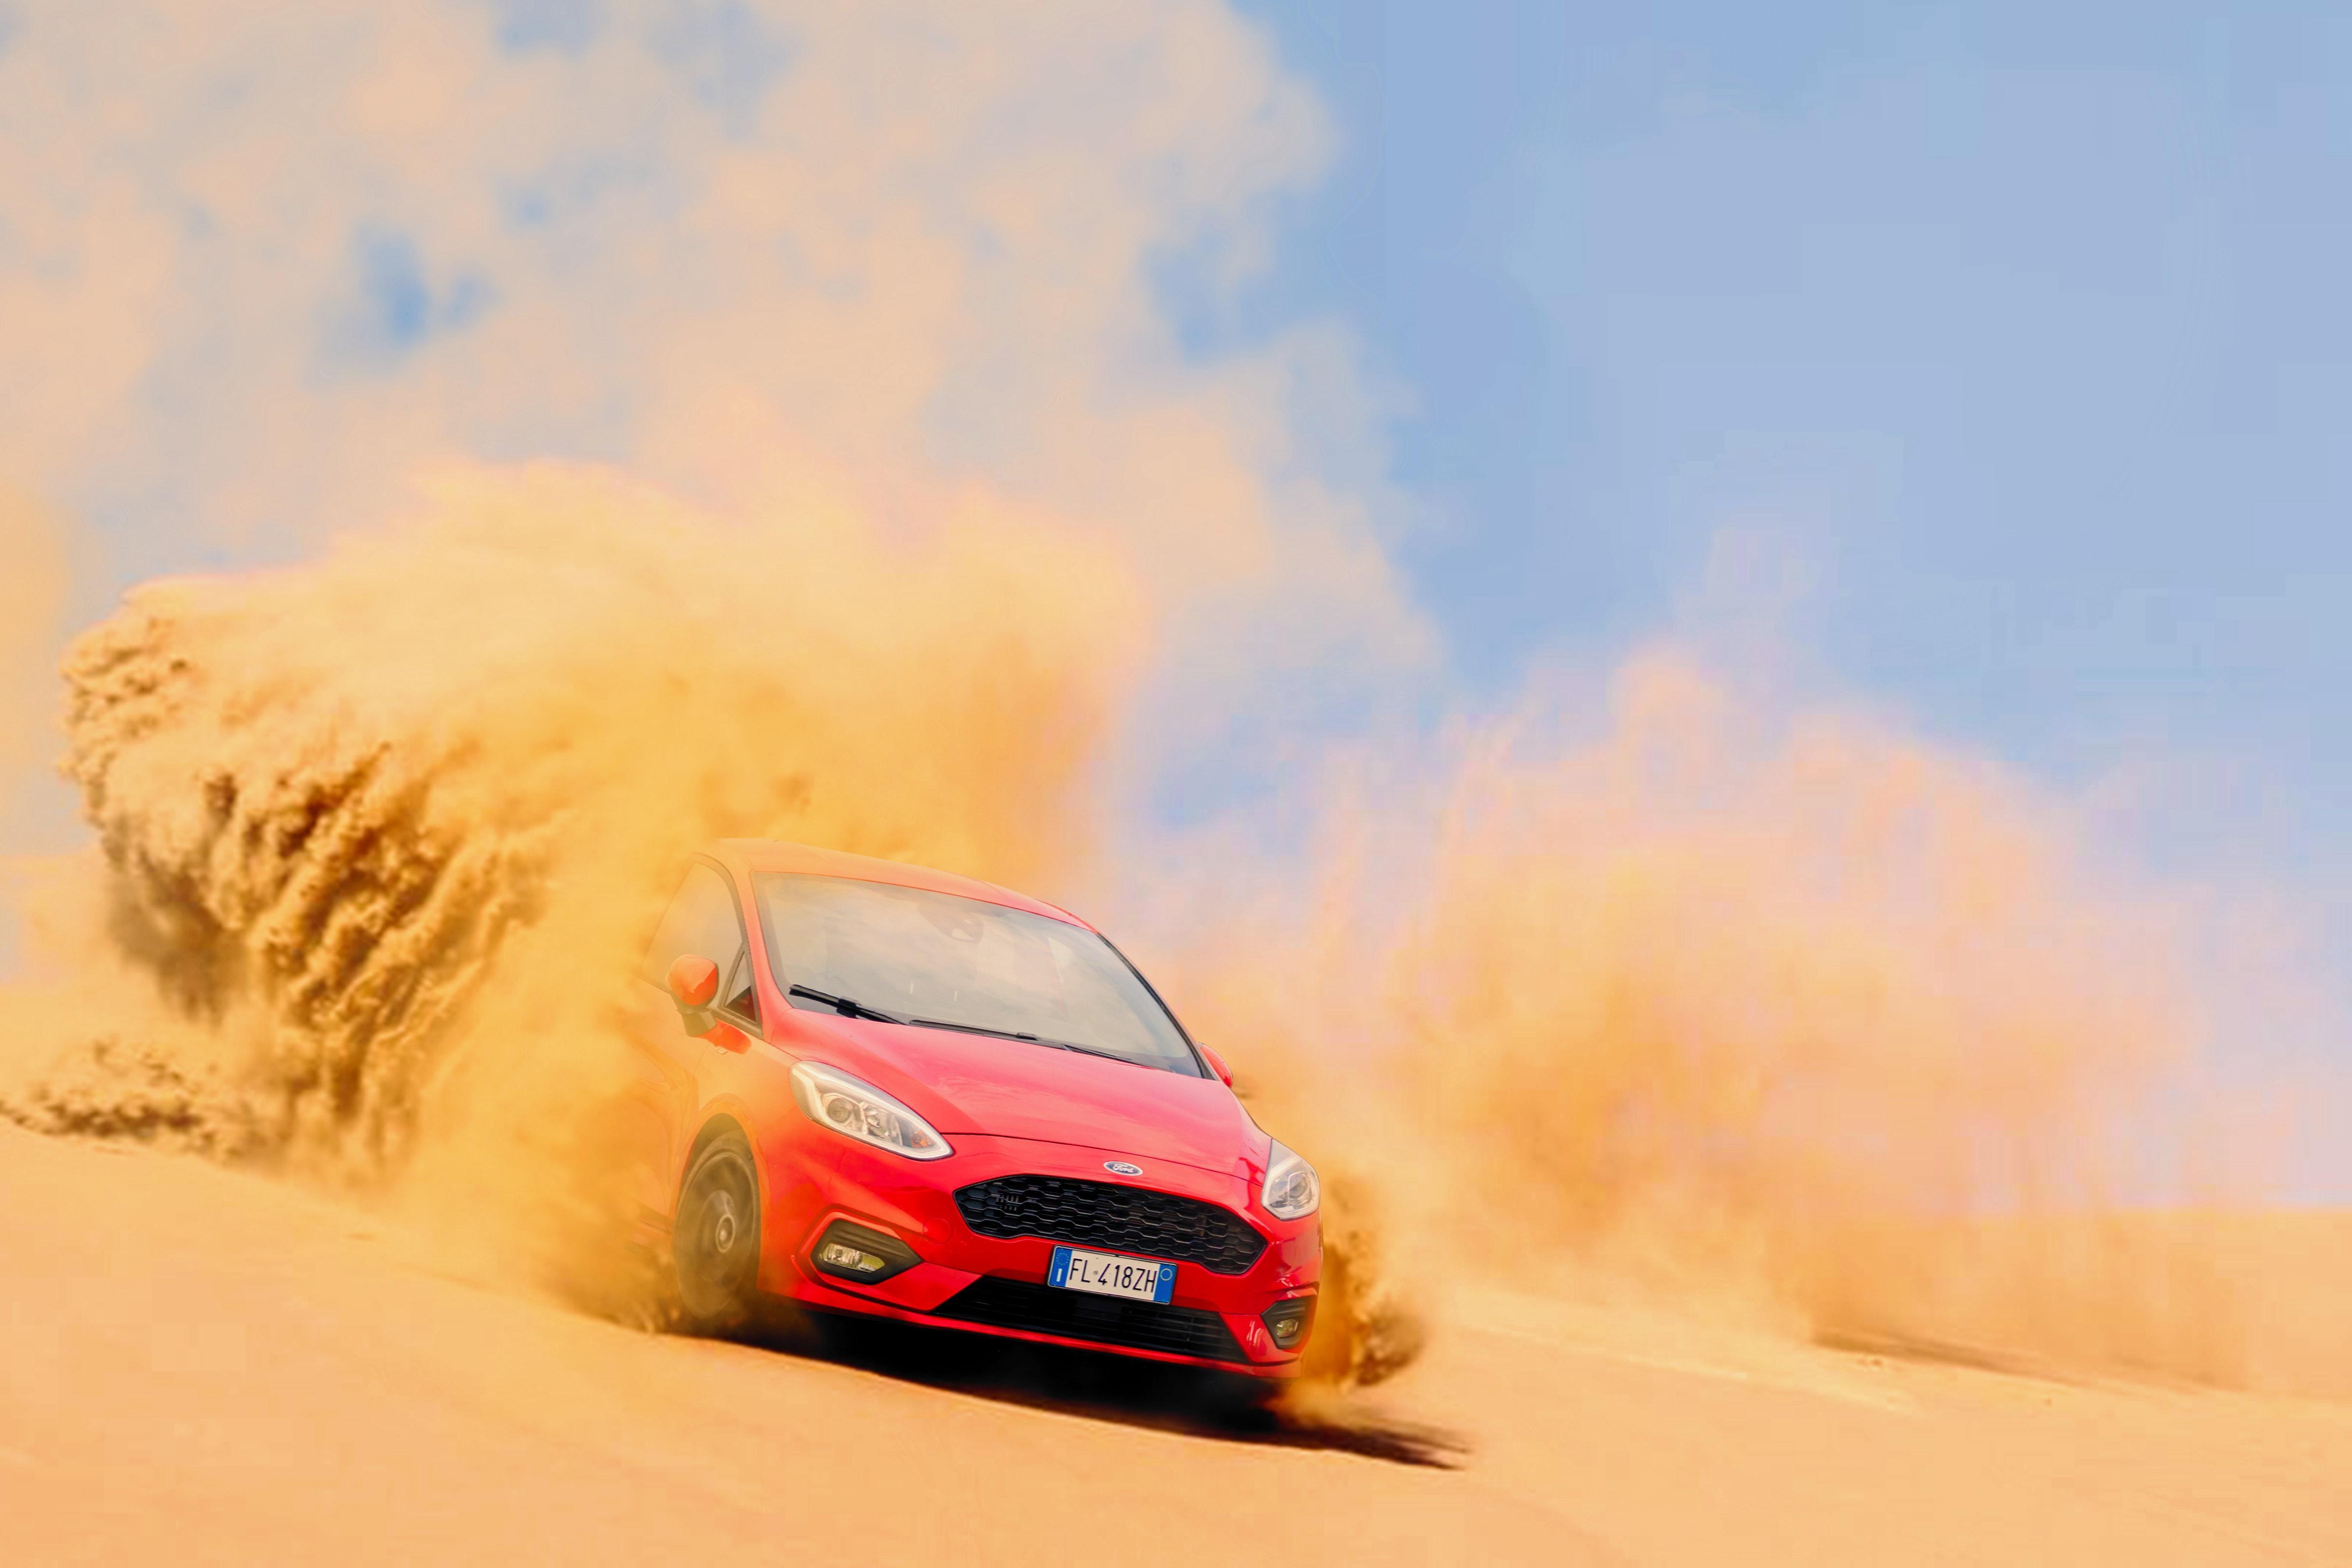 uploads///action automobile automotive